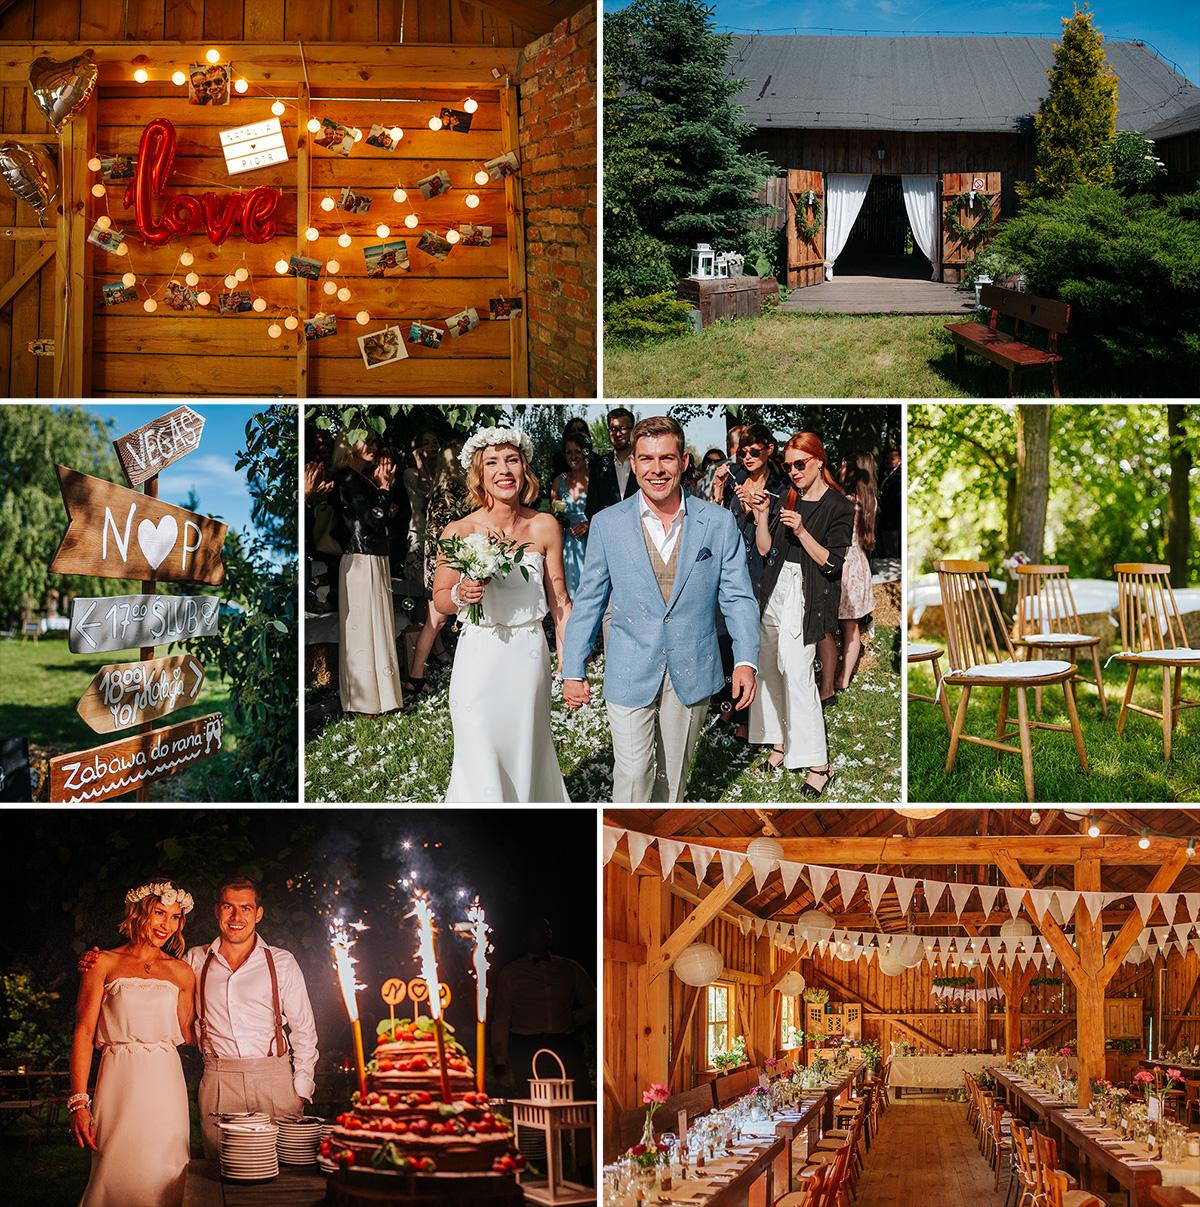 Jeśli szukasz klimatycznej stodoły to jest to zdecydowanie najpiękniejsza stodoła na wesele w okolicach Warszawy